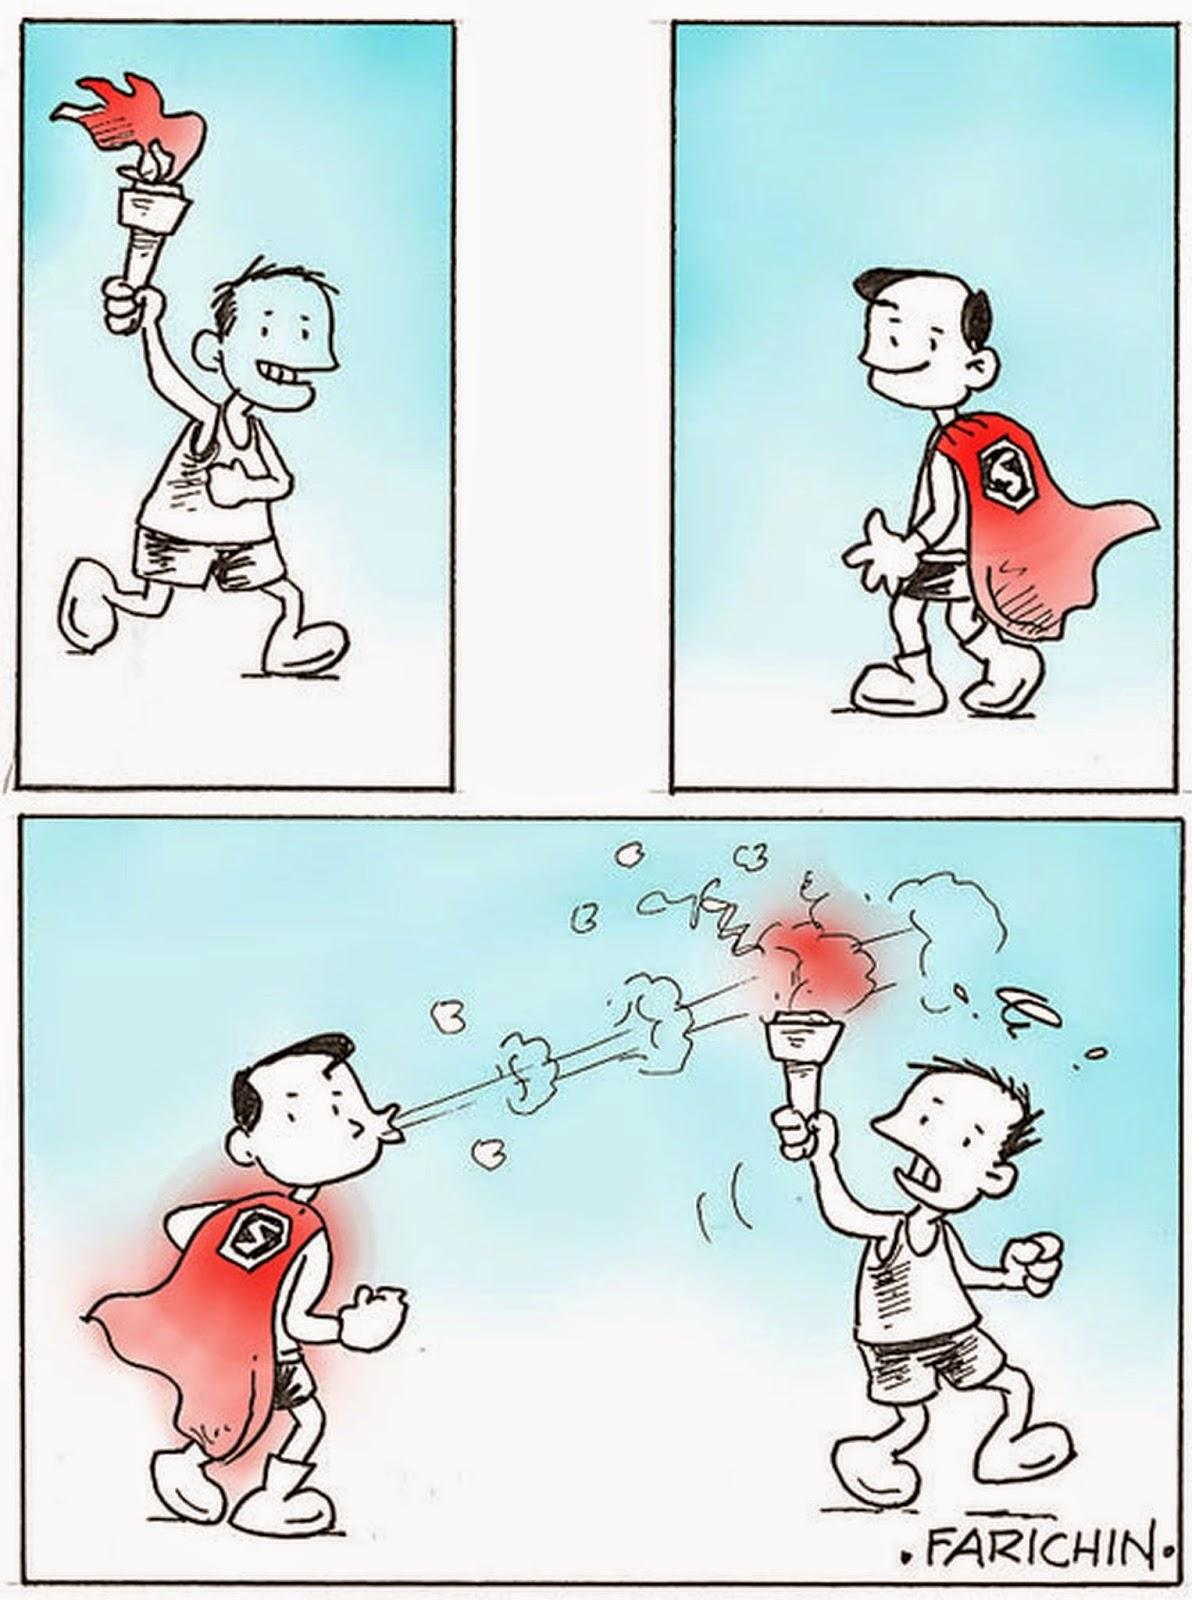 KARTUN SUPERMAN MENIUP OBOR Gambar Kartun Lucu Dan Wallpaper